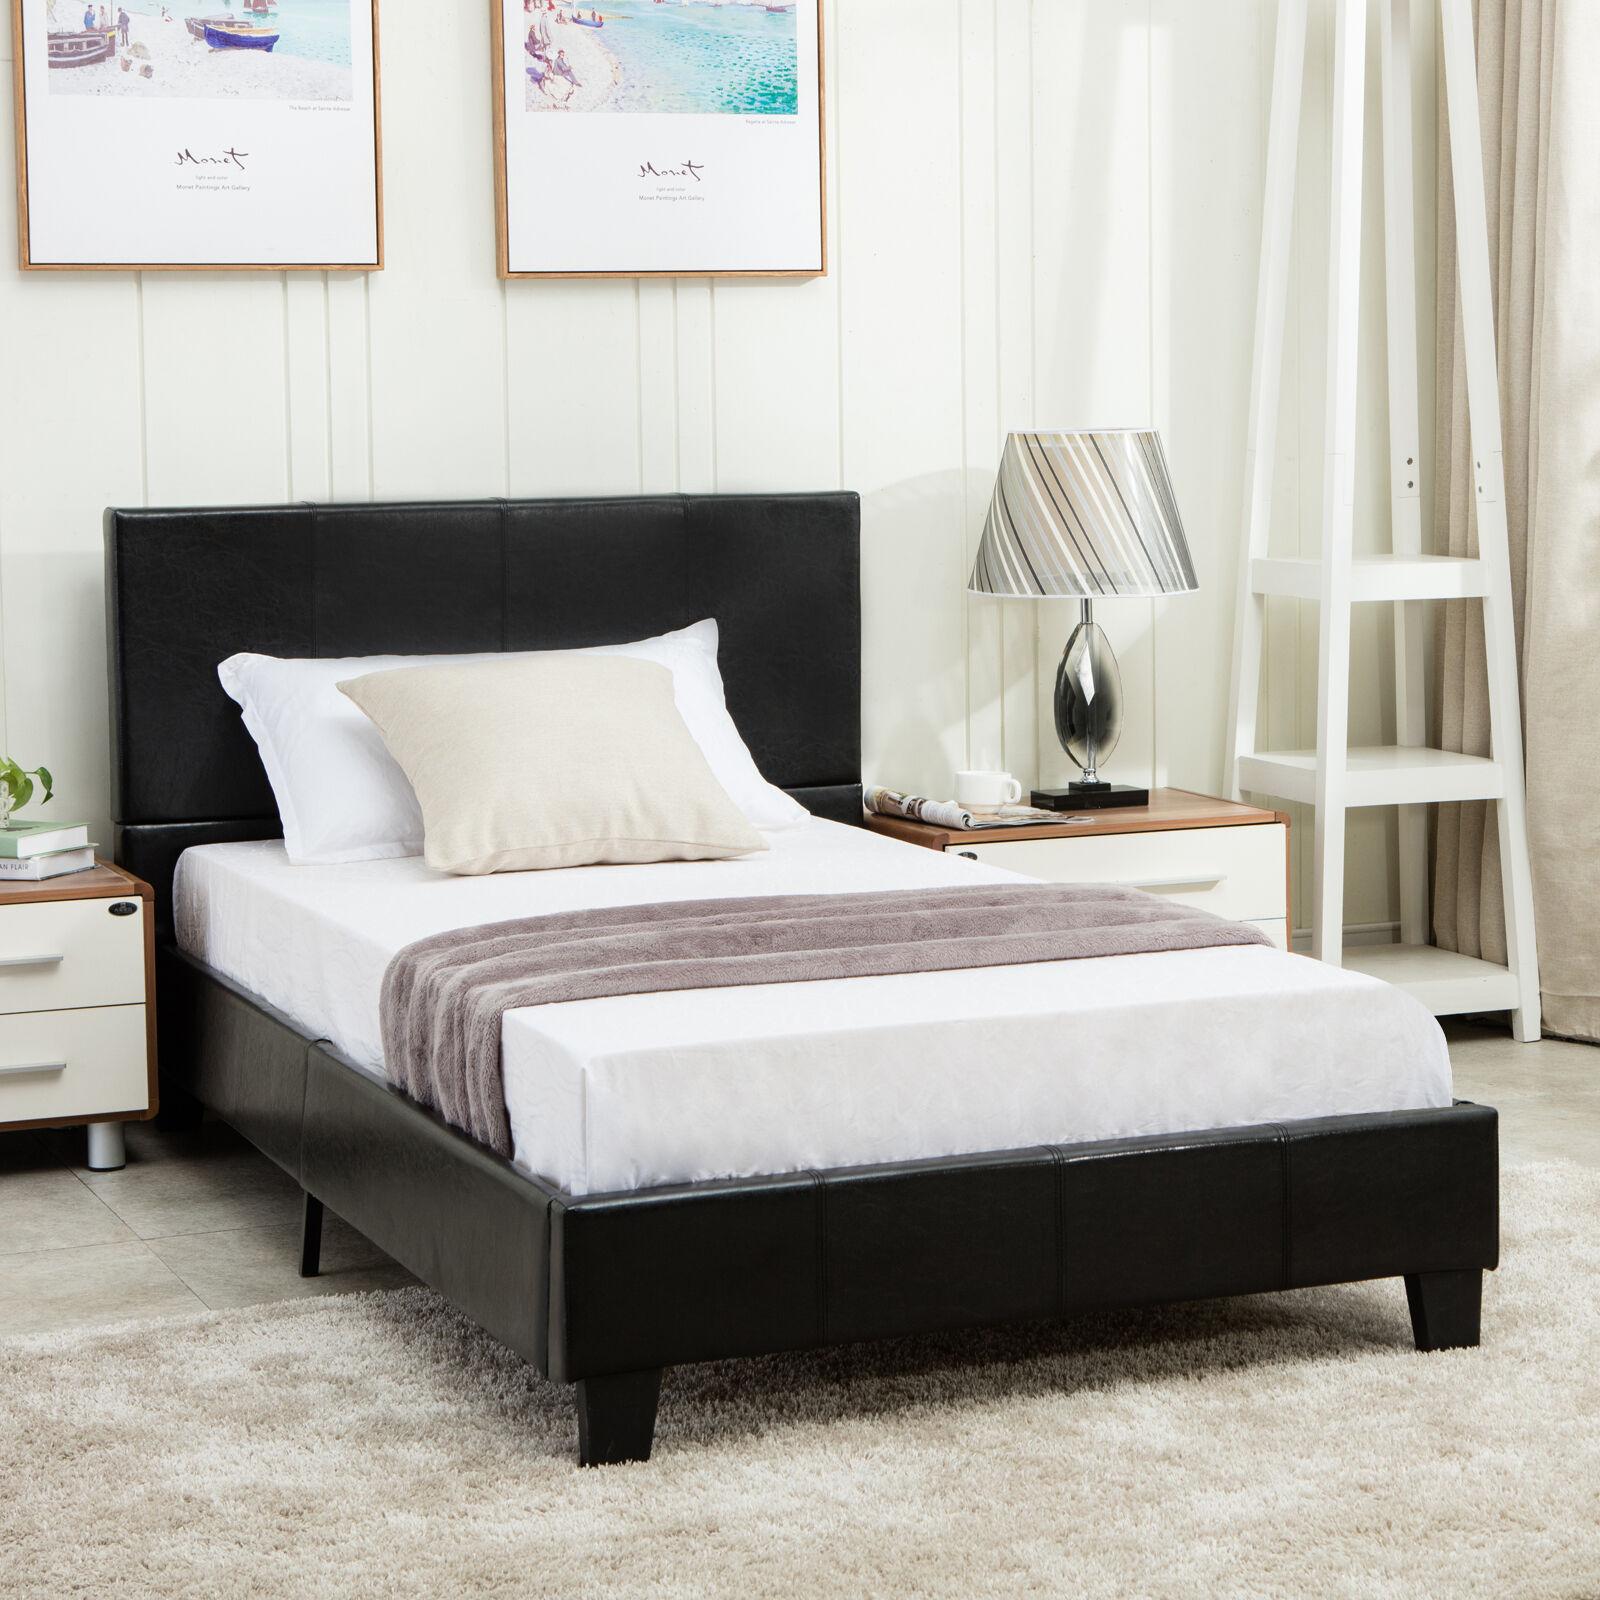 Full Size Faux Leather Platform Bed Frame & Slats Upholstered Headboard Bedroom 603161139437